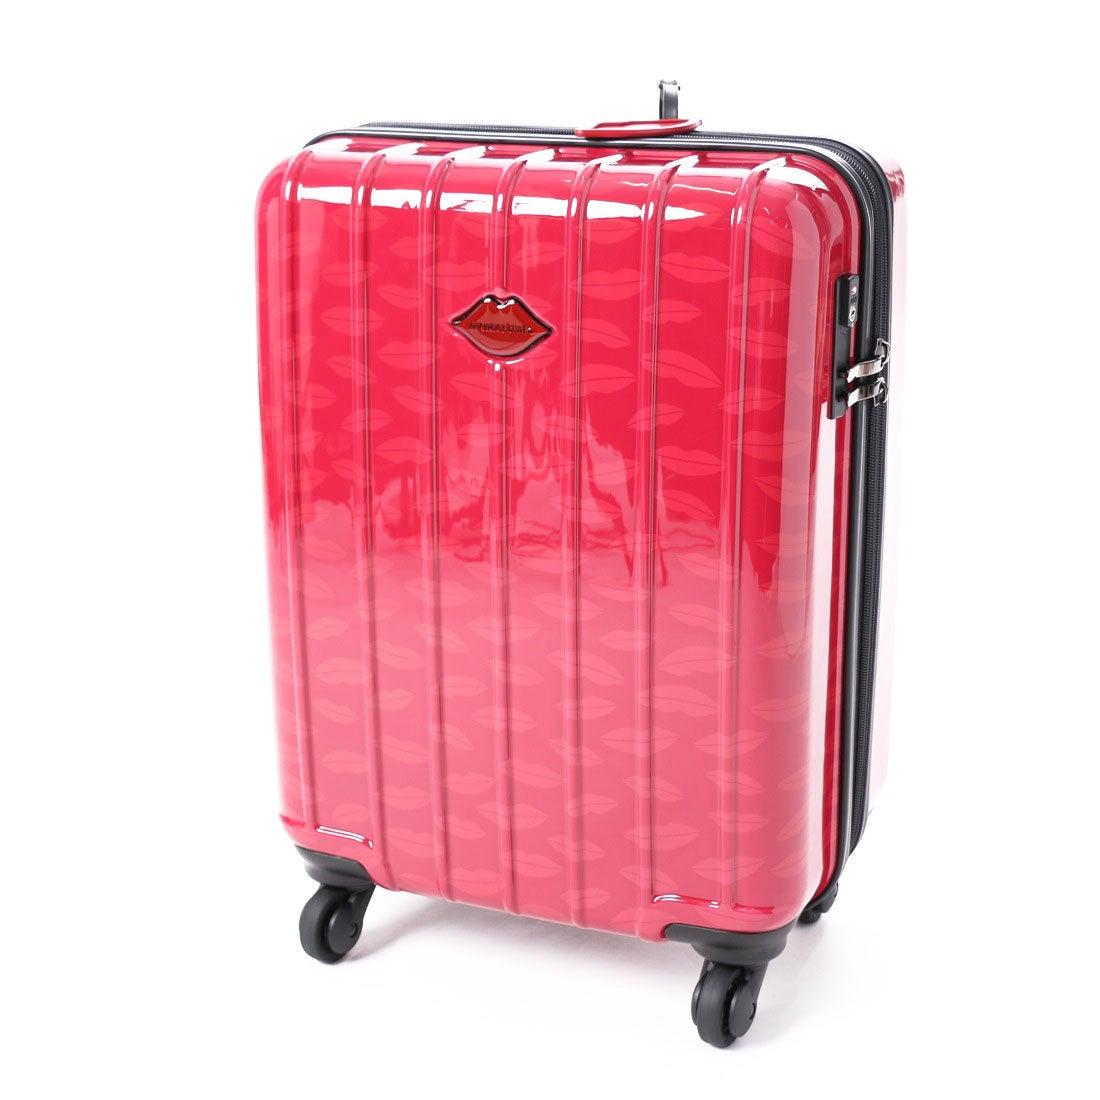 スパイラルガール SPIRAL GIRL 【SPIRALGIRLスパイラルガール】スーツケース 36L拡張機能付トラベルハードキャリー (レッド) レディース